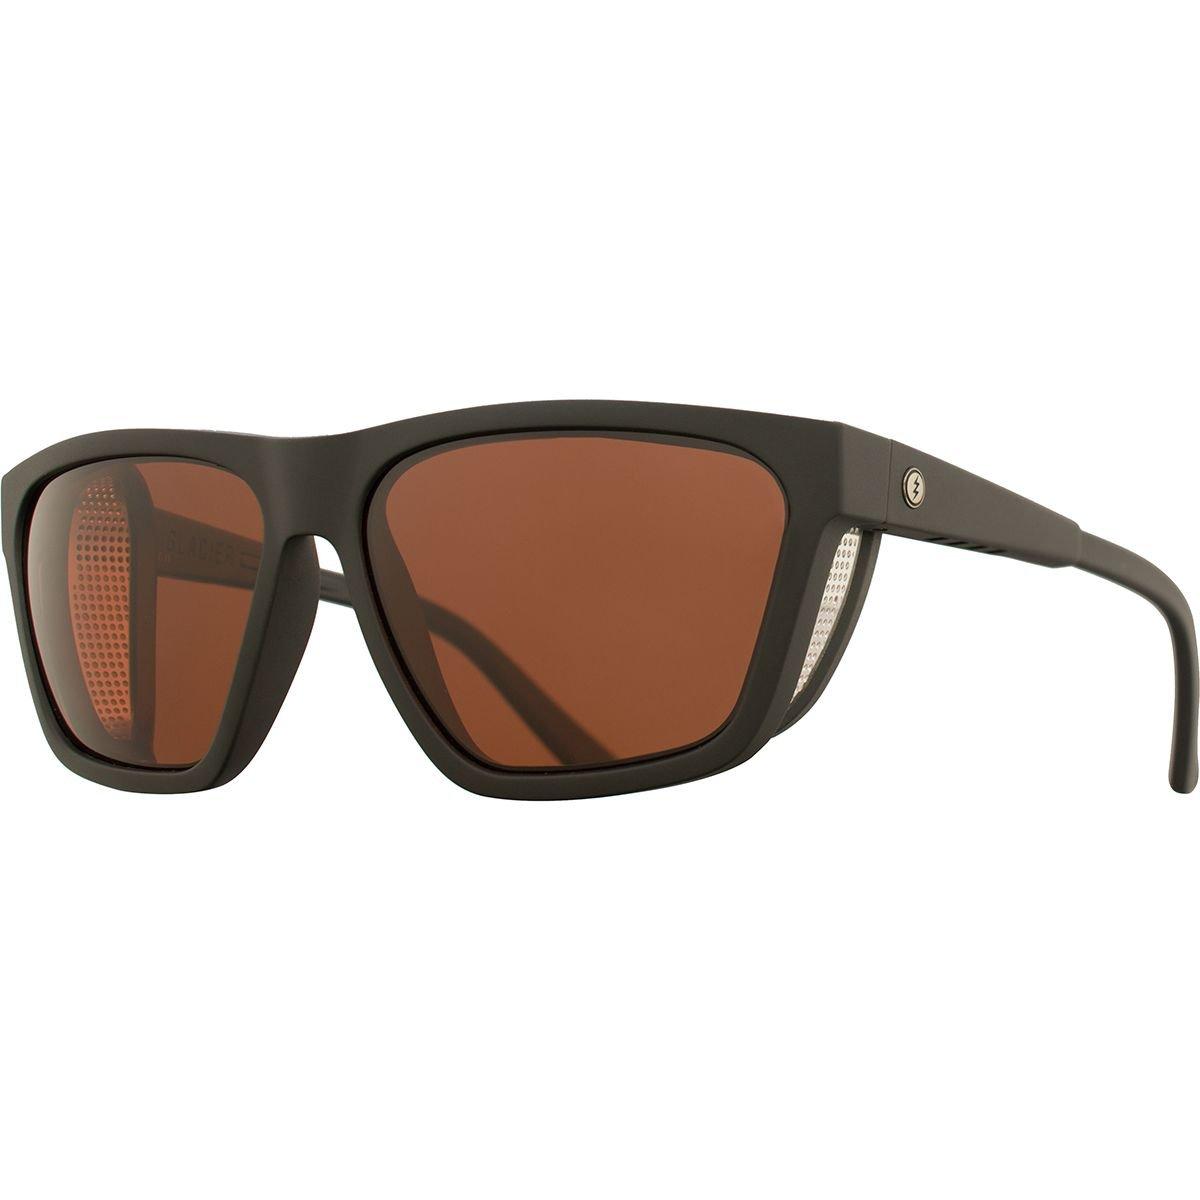 Electric Visual Road Glacier Matte Black/OHM+Polarized Rose Sunglasses